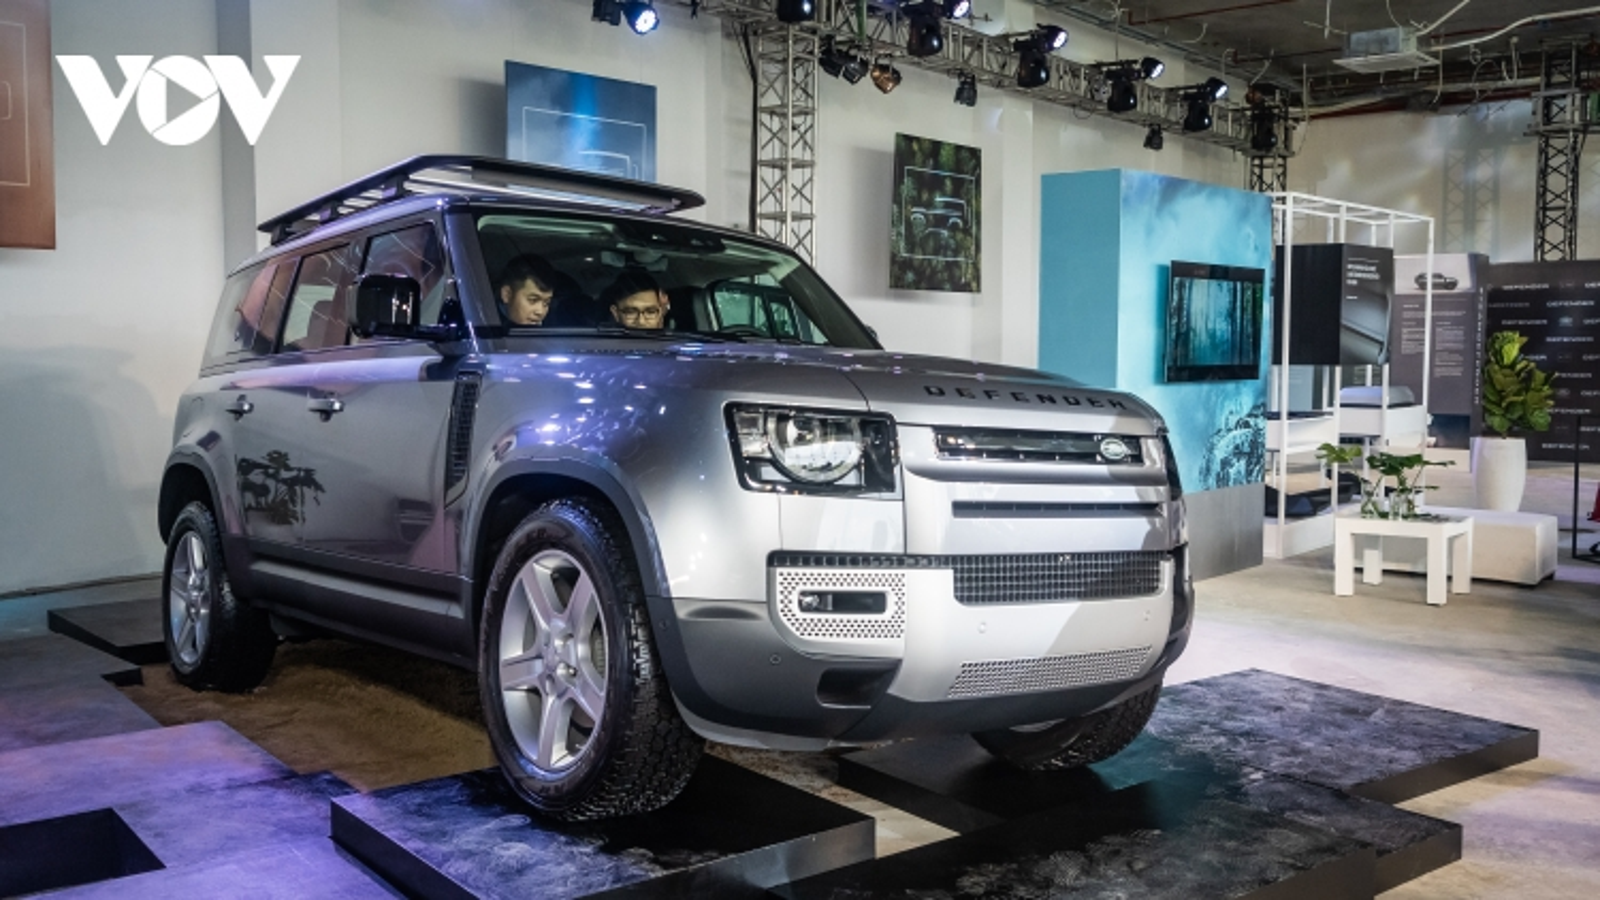 Cận cảnh xe địa hình Land Rover Defender thế hệ mới tại Việt Nam